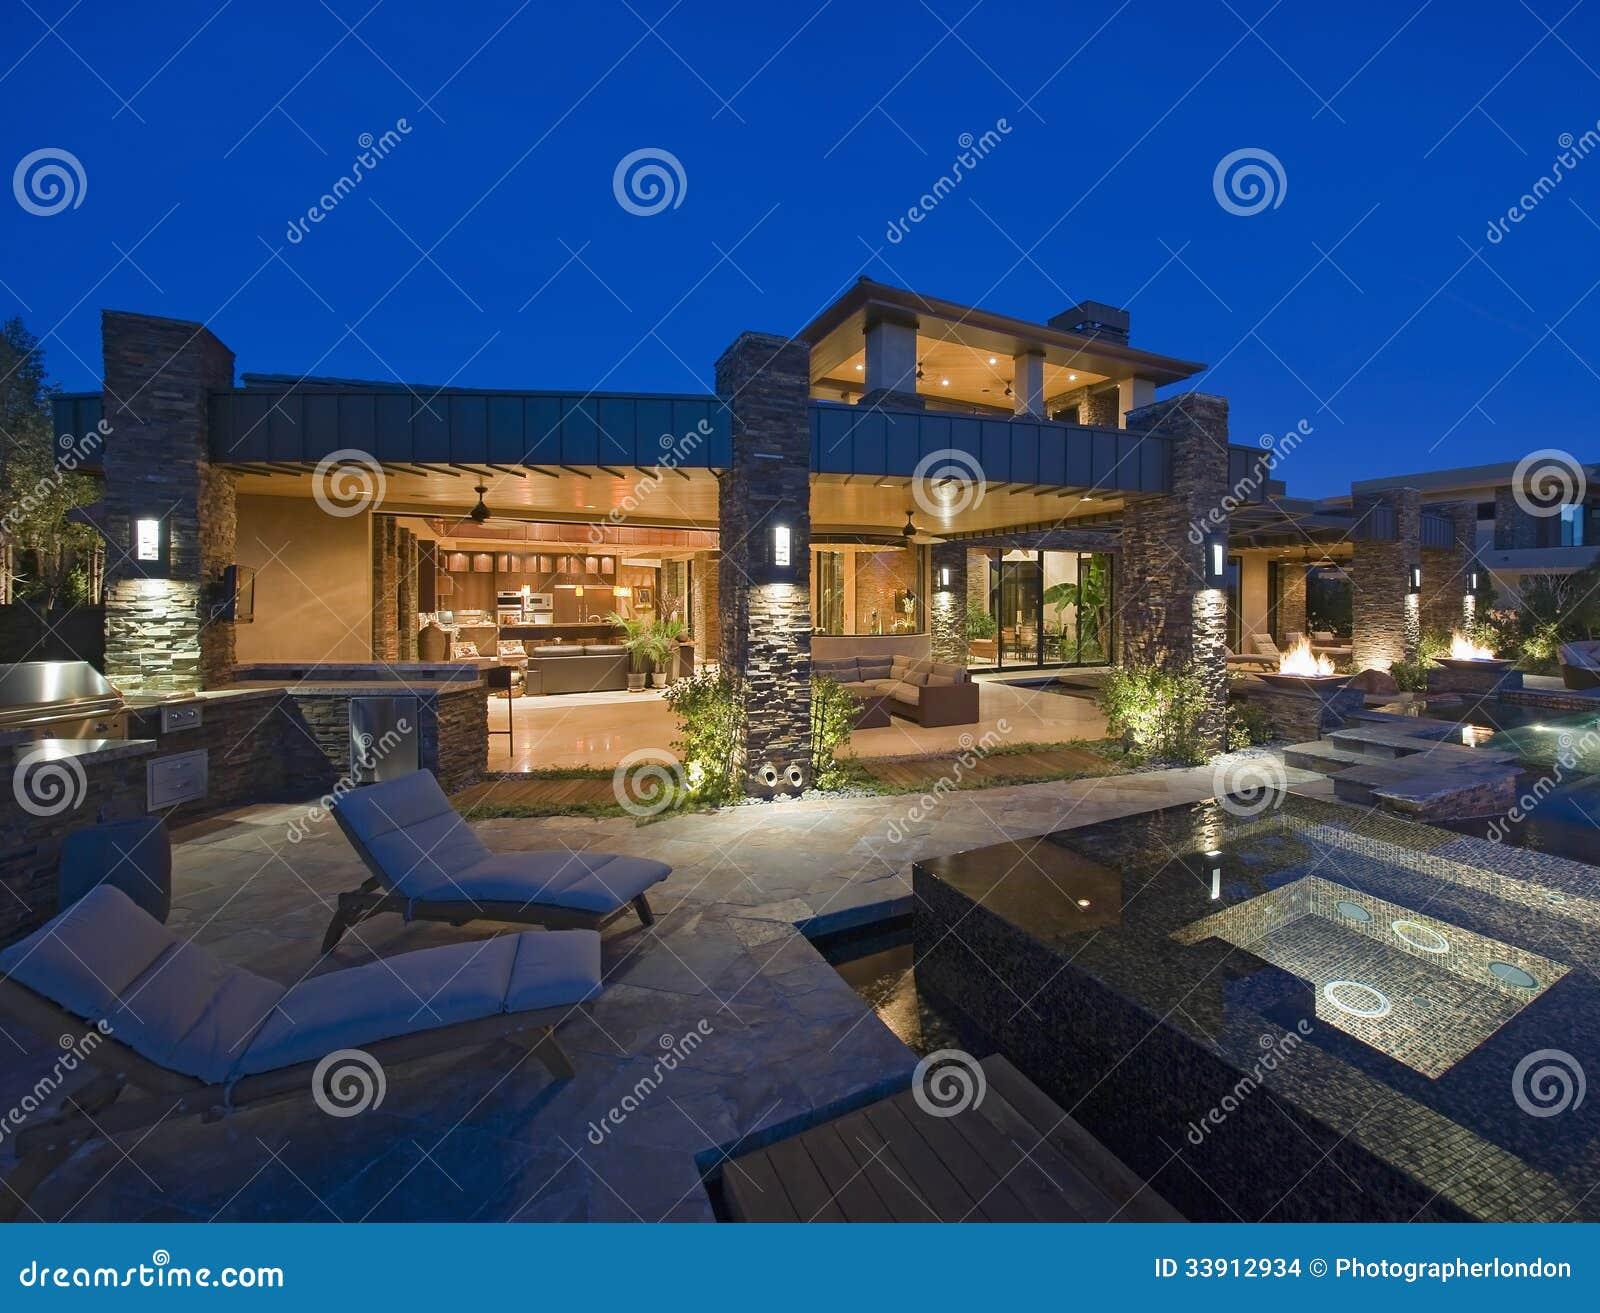 Eigentijds huis met duikpool stock afbeeldingen afbeelding 33912934 - Exterieur ingang eigentijds huis ...